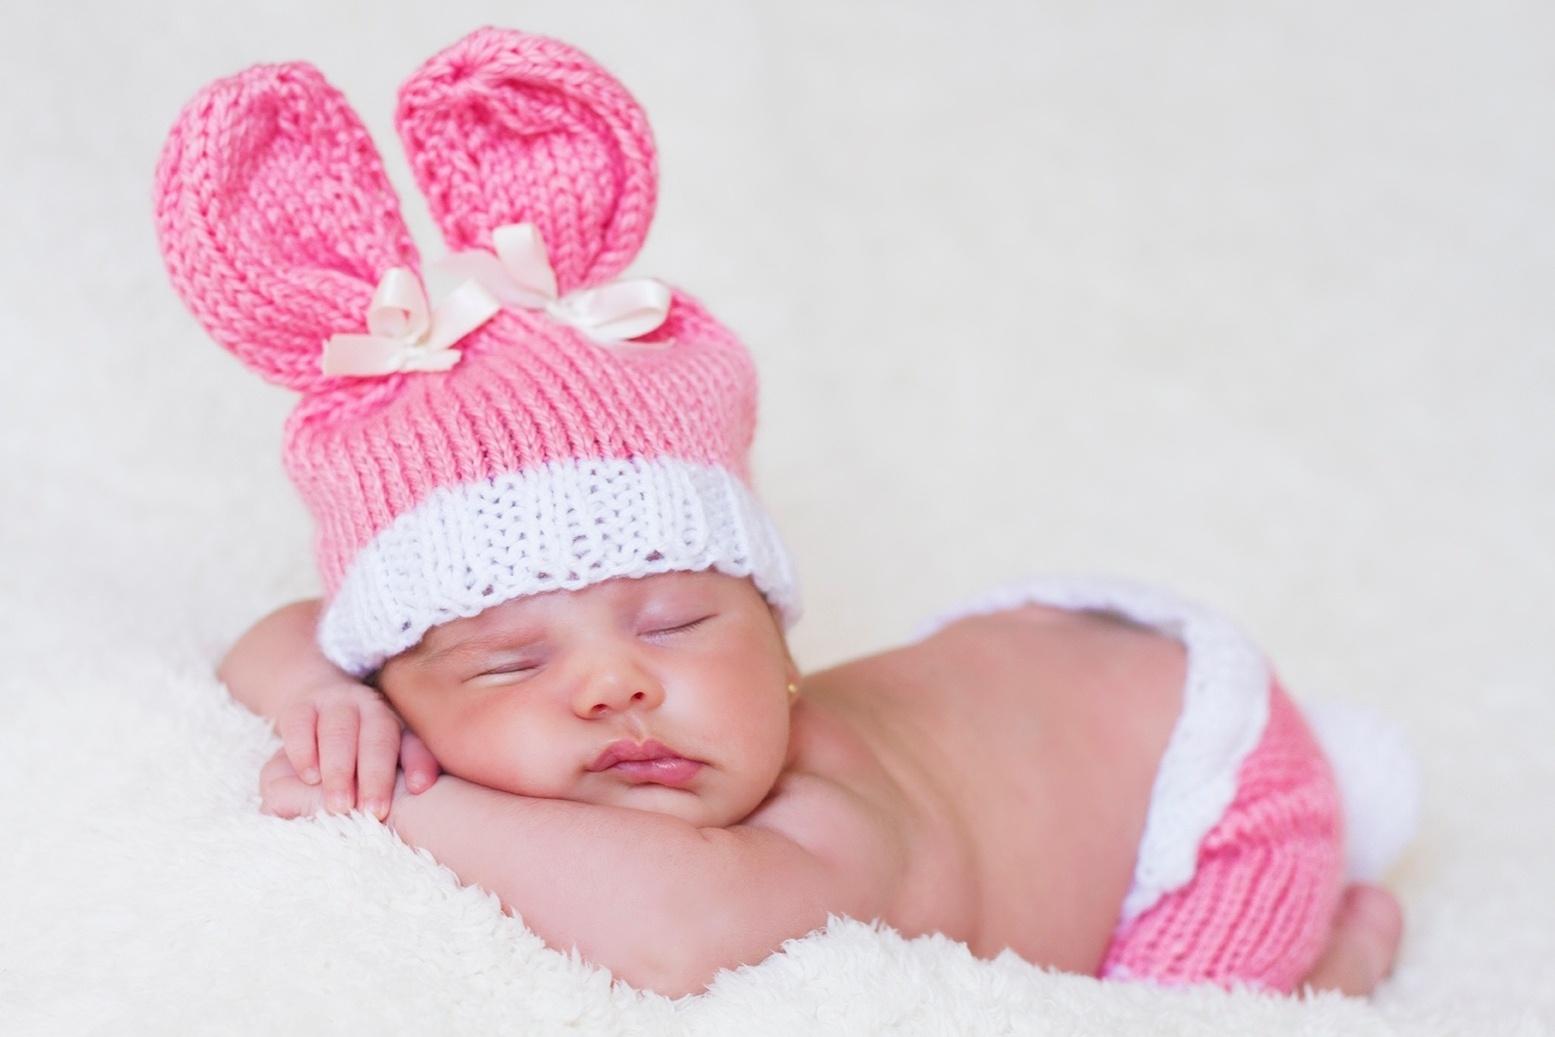 25.abr.2014 - Bruna, filha de Nívea Stelmann com Marcus Rocha, foi fotografada com chapéu de coelhinho